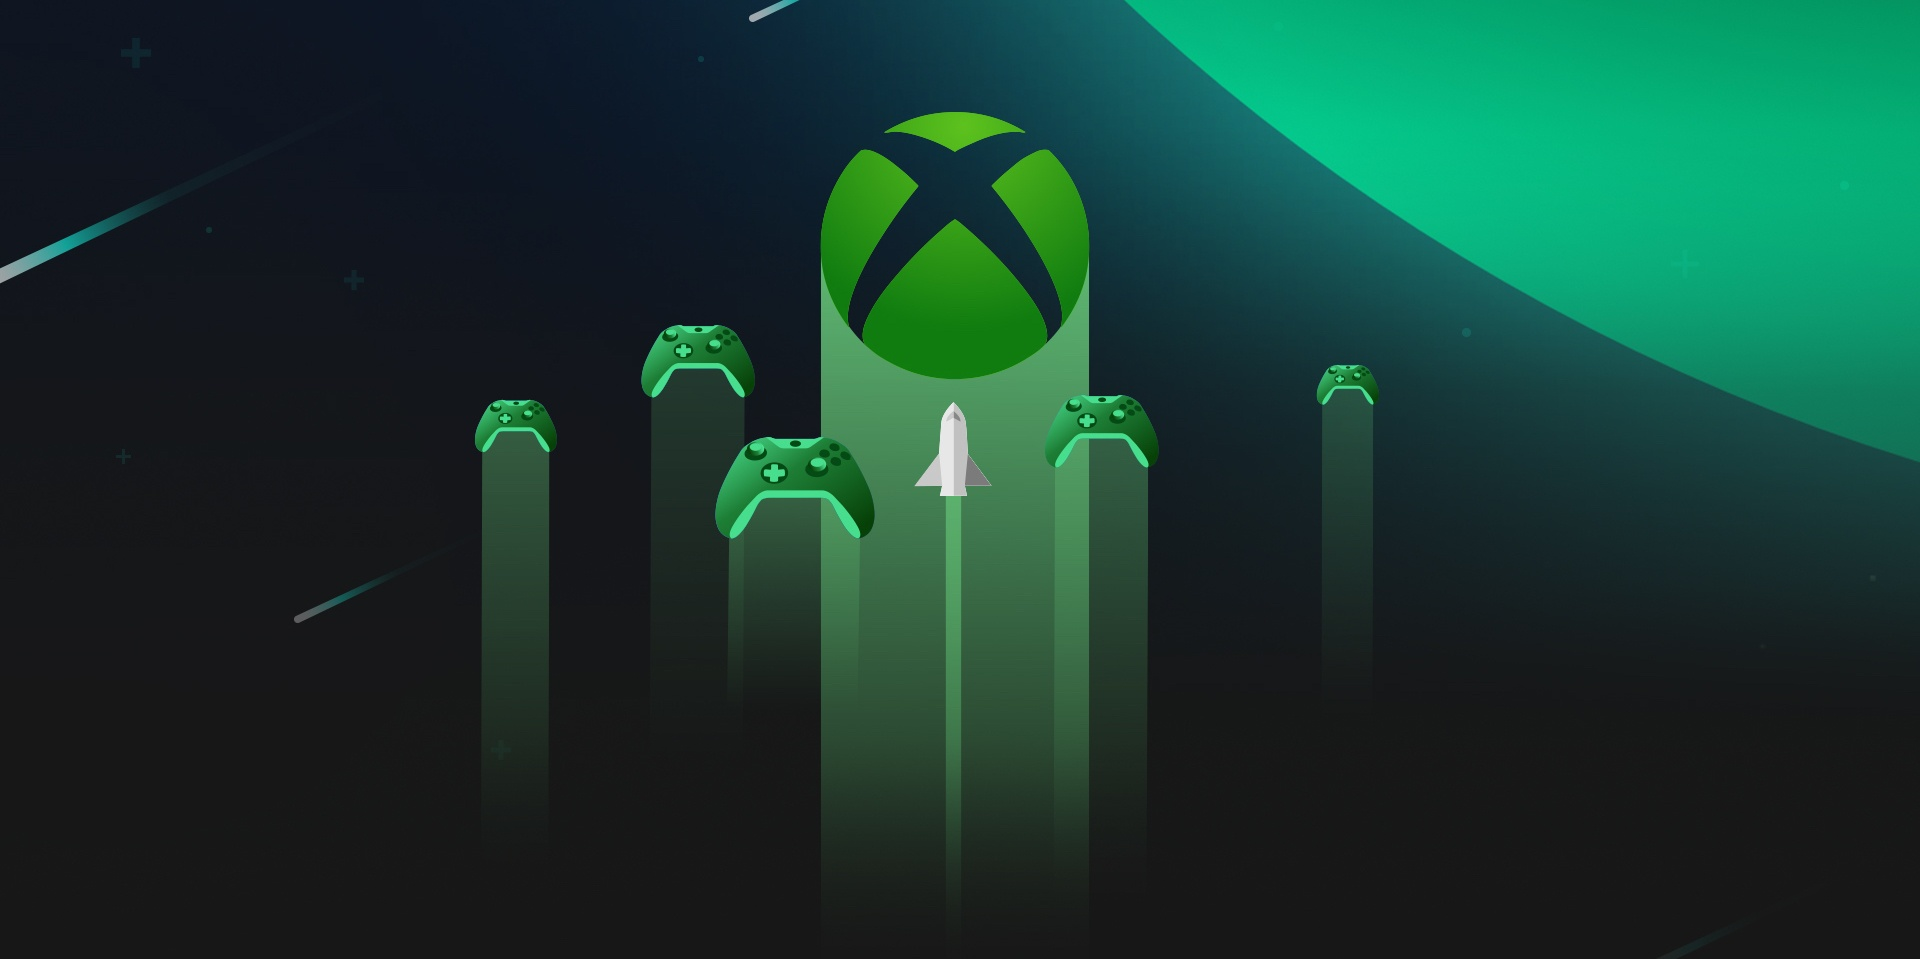 Xbox Series Image